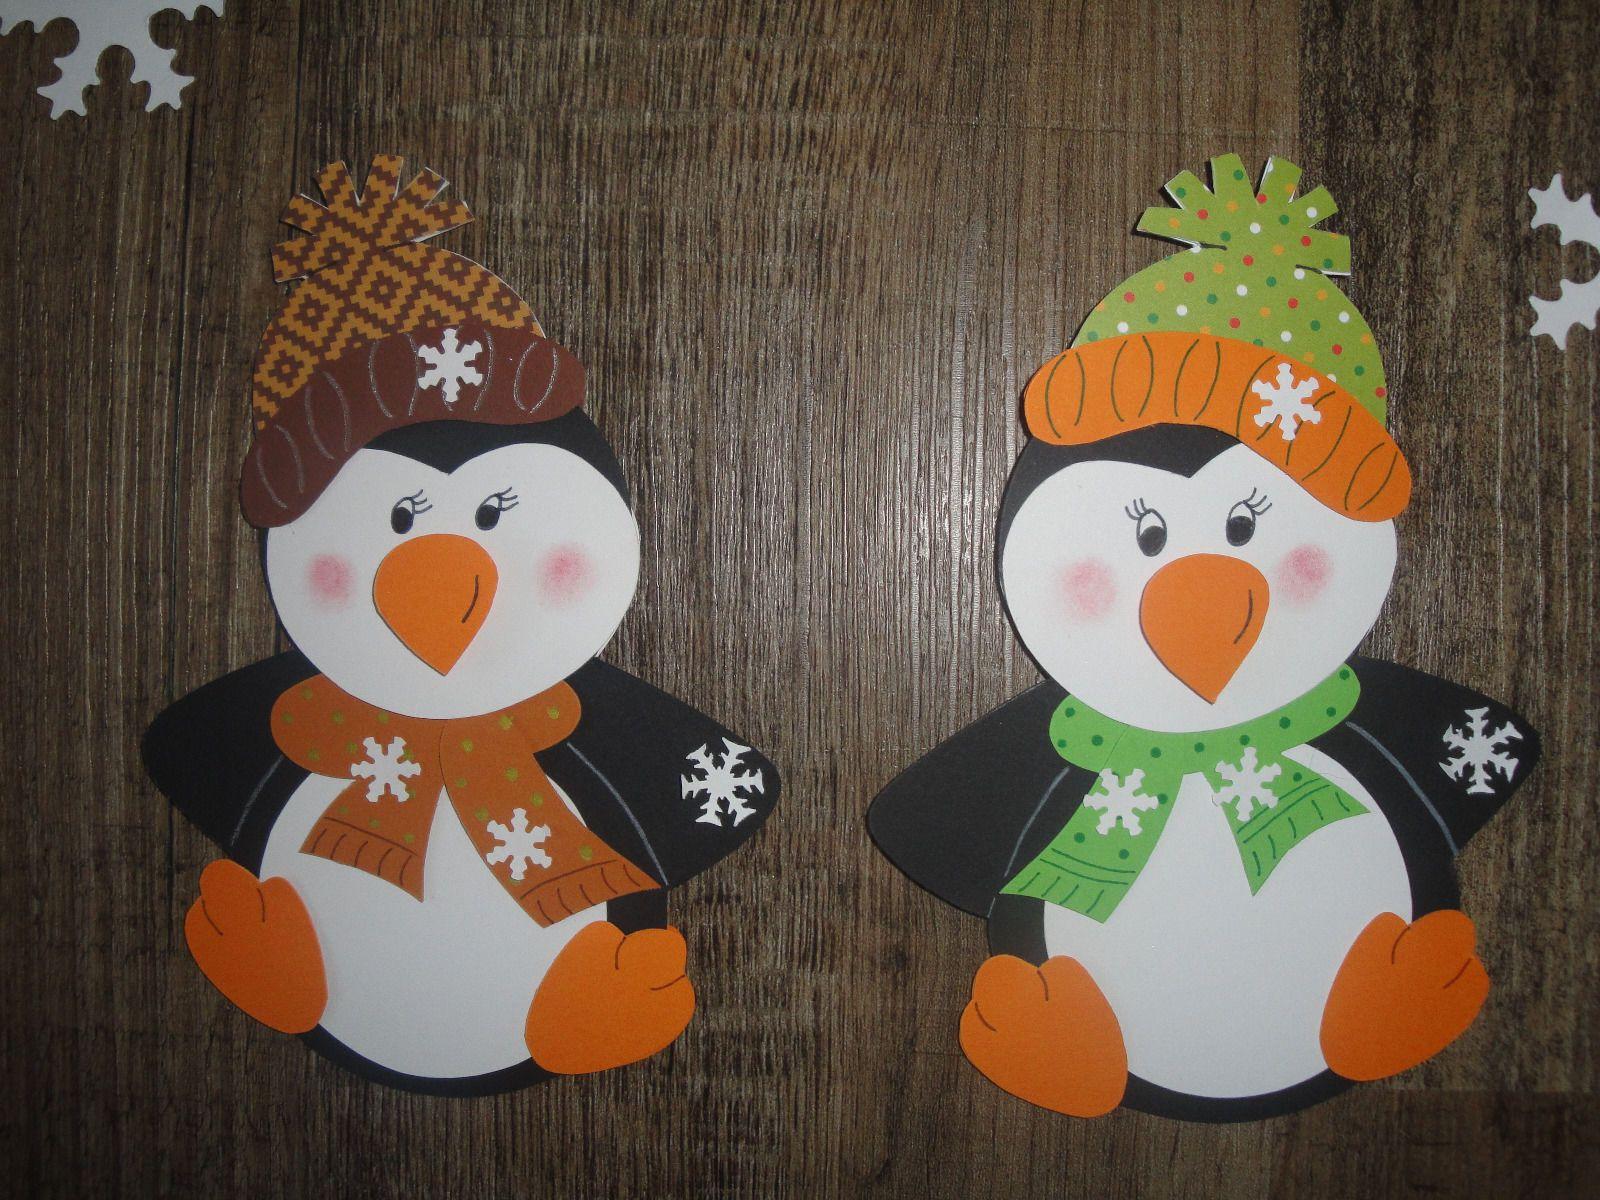 Fensterbild Tonkarton ,winter , Weihnachten , Süßer Pinguin bei Fensterbilder Weihnachten Bastelvorlagen